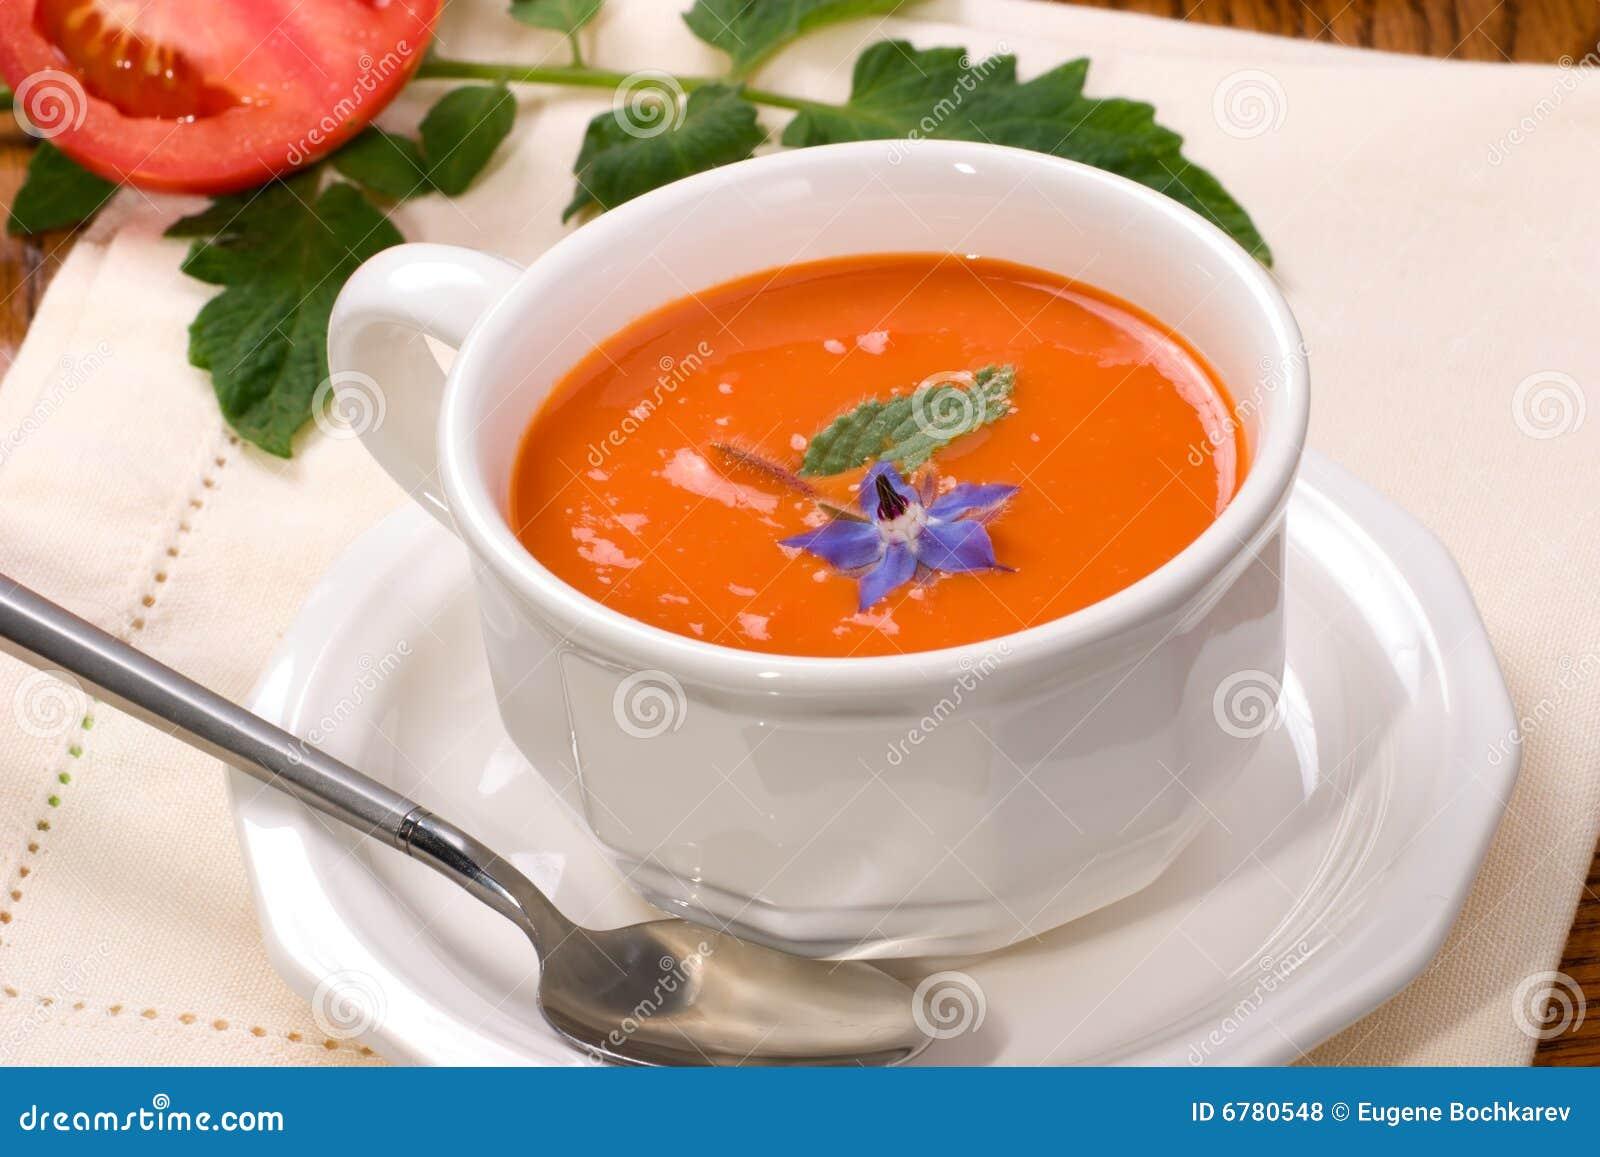 potage de tomate photo stock image du tomate v g tarien 6780548. Black Bedroom Furniture Sets. Home Design Ideas